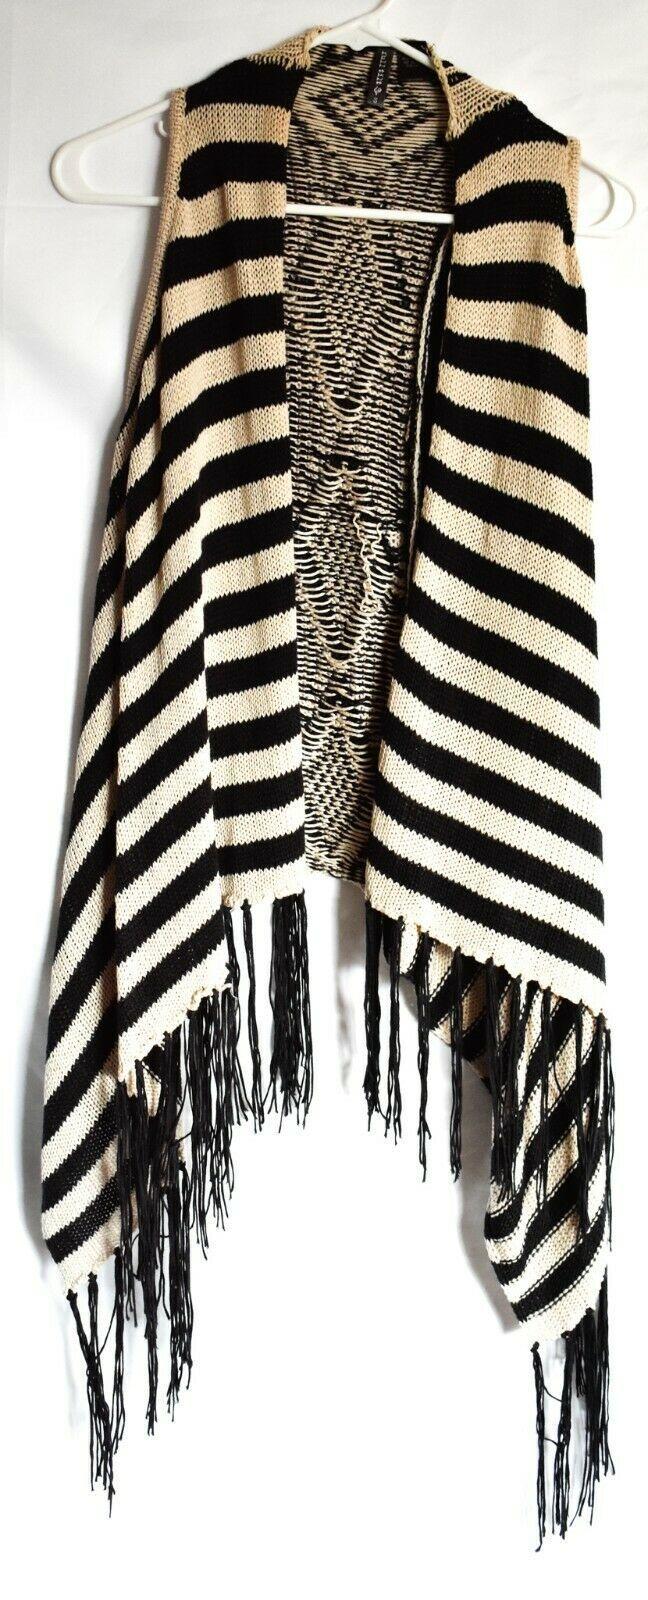 Full Tilt Black & Tan Striped Sleeveless Fringed Boho Sweater Vest Size S